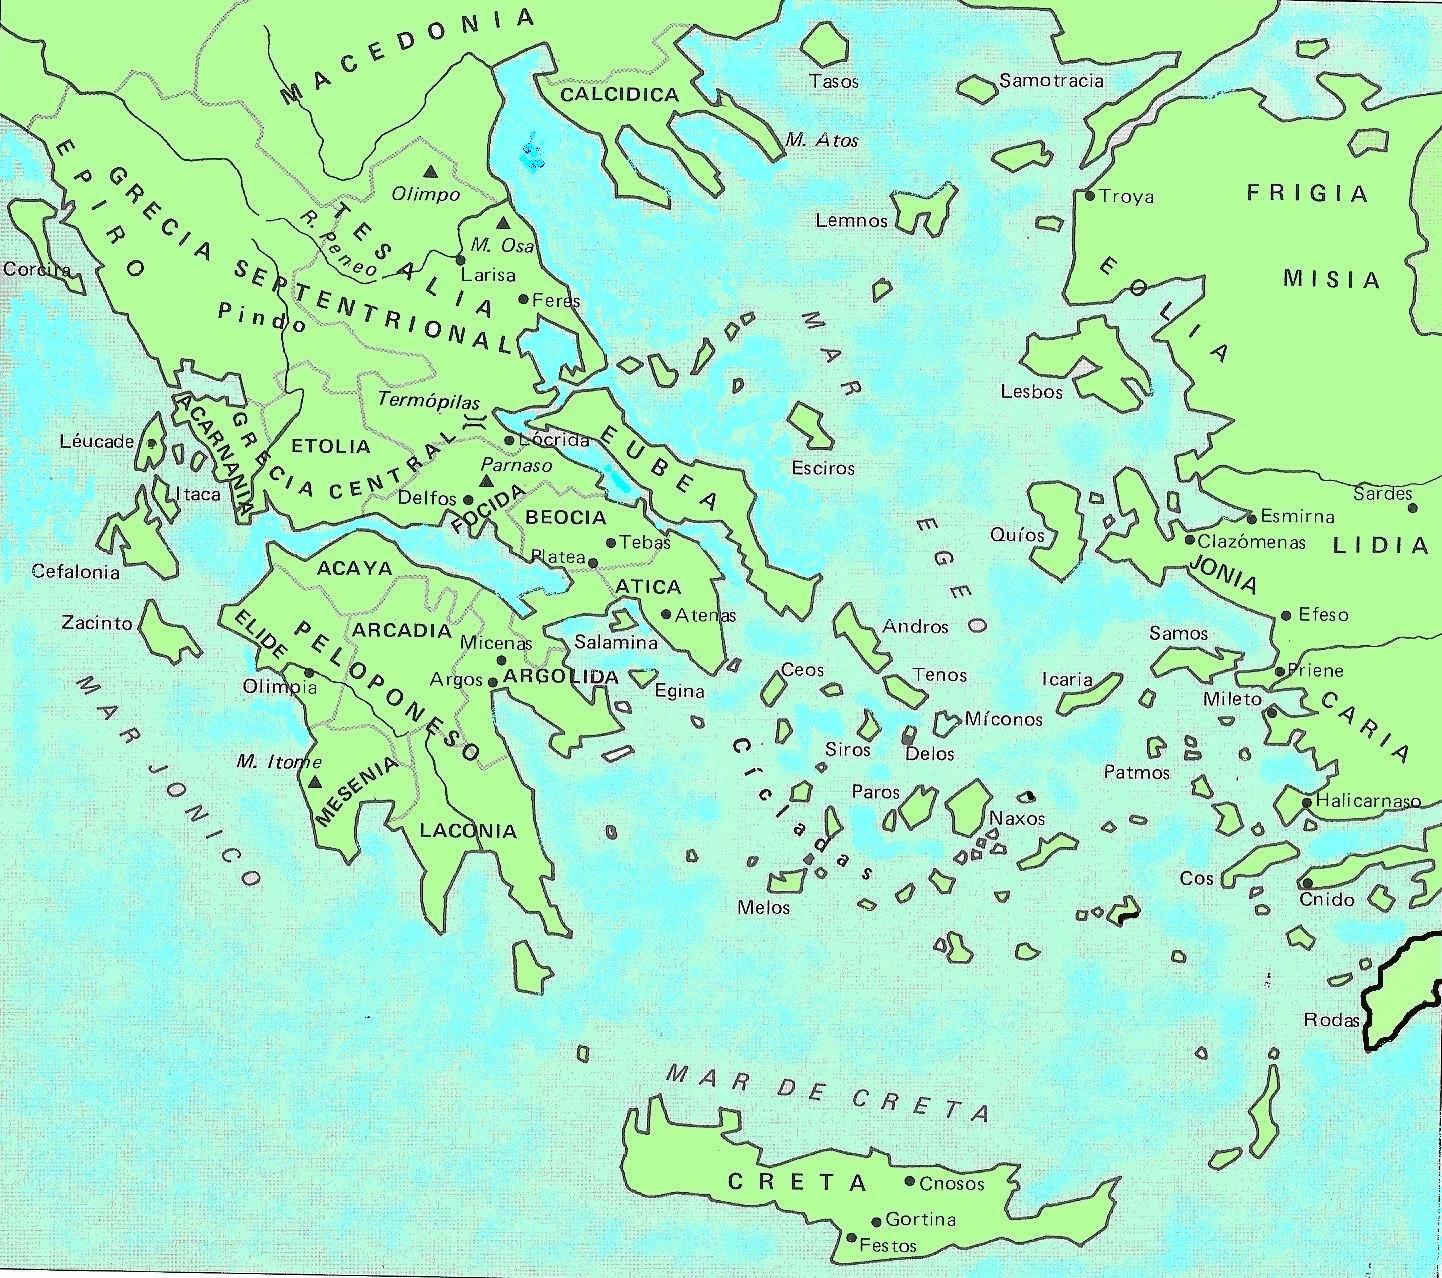 Mapa de la antigua Grecia y sus alrededores que sirve como introducción a la antigua Grecia